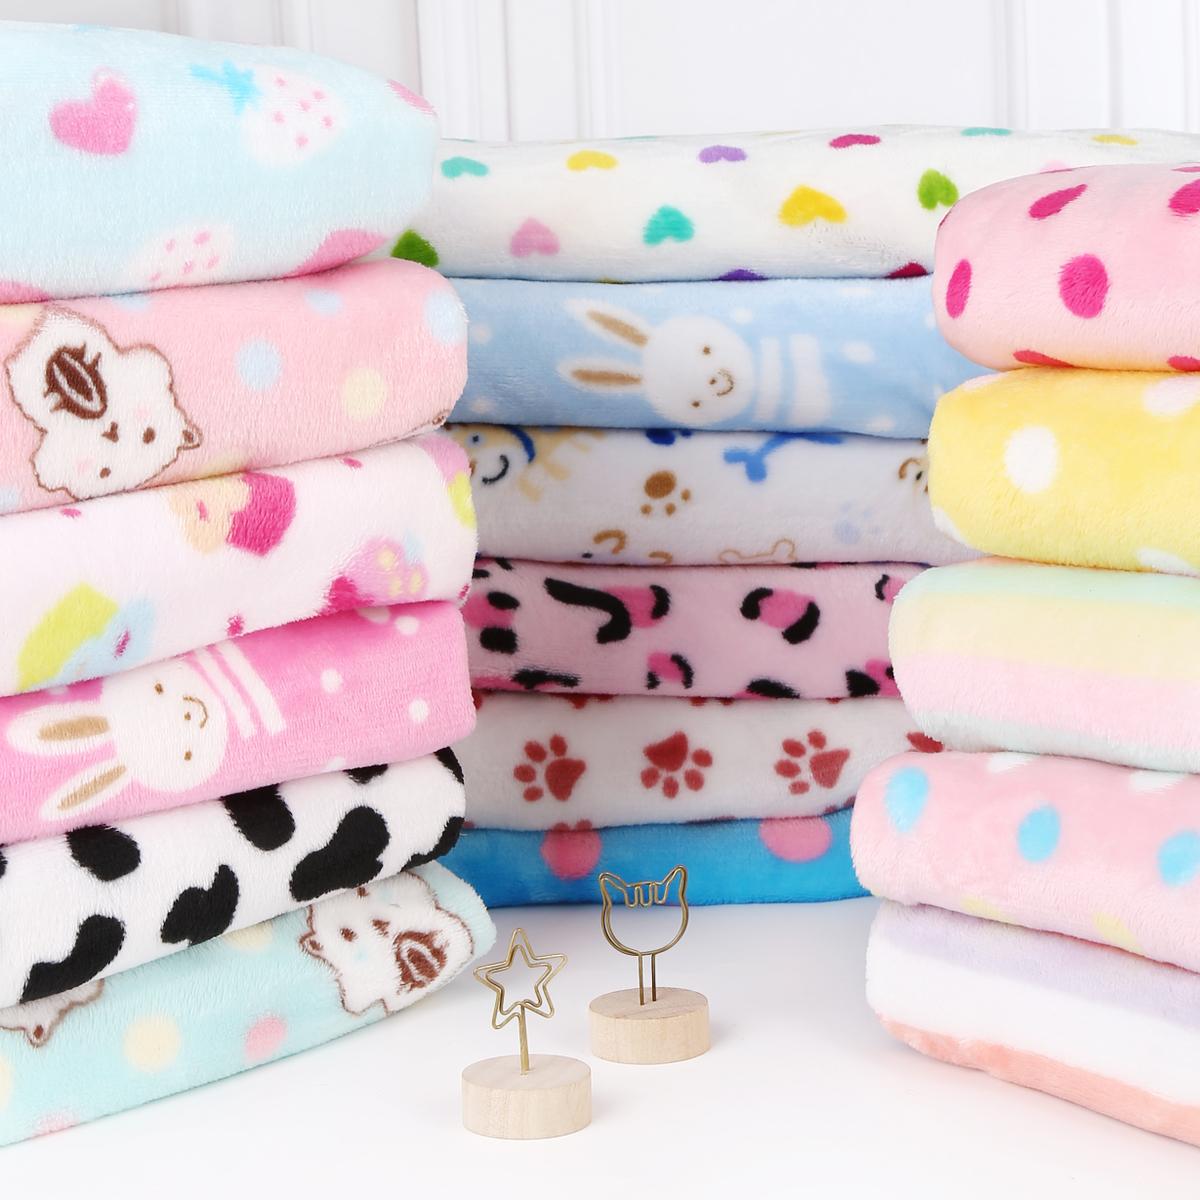 雙面法蘭絨法萊絨面料 毛毯睡衣服裝布料超柔毛絨布料床單布料